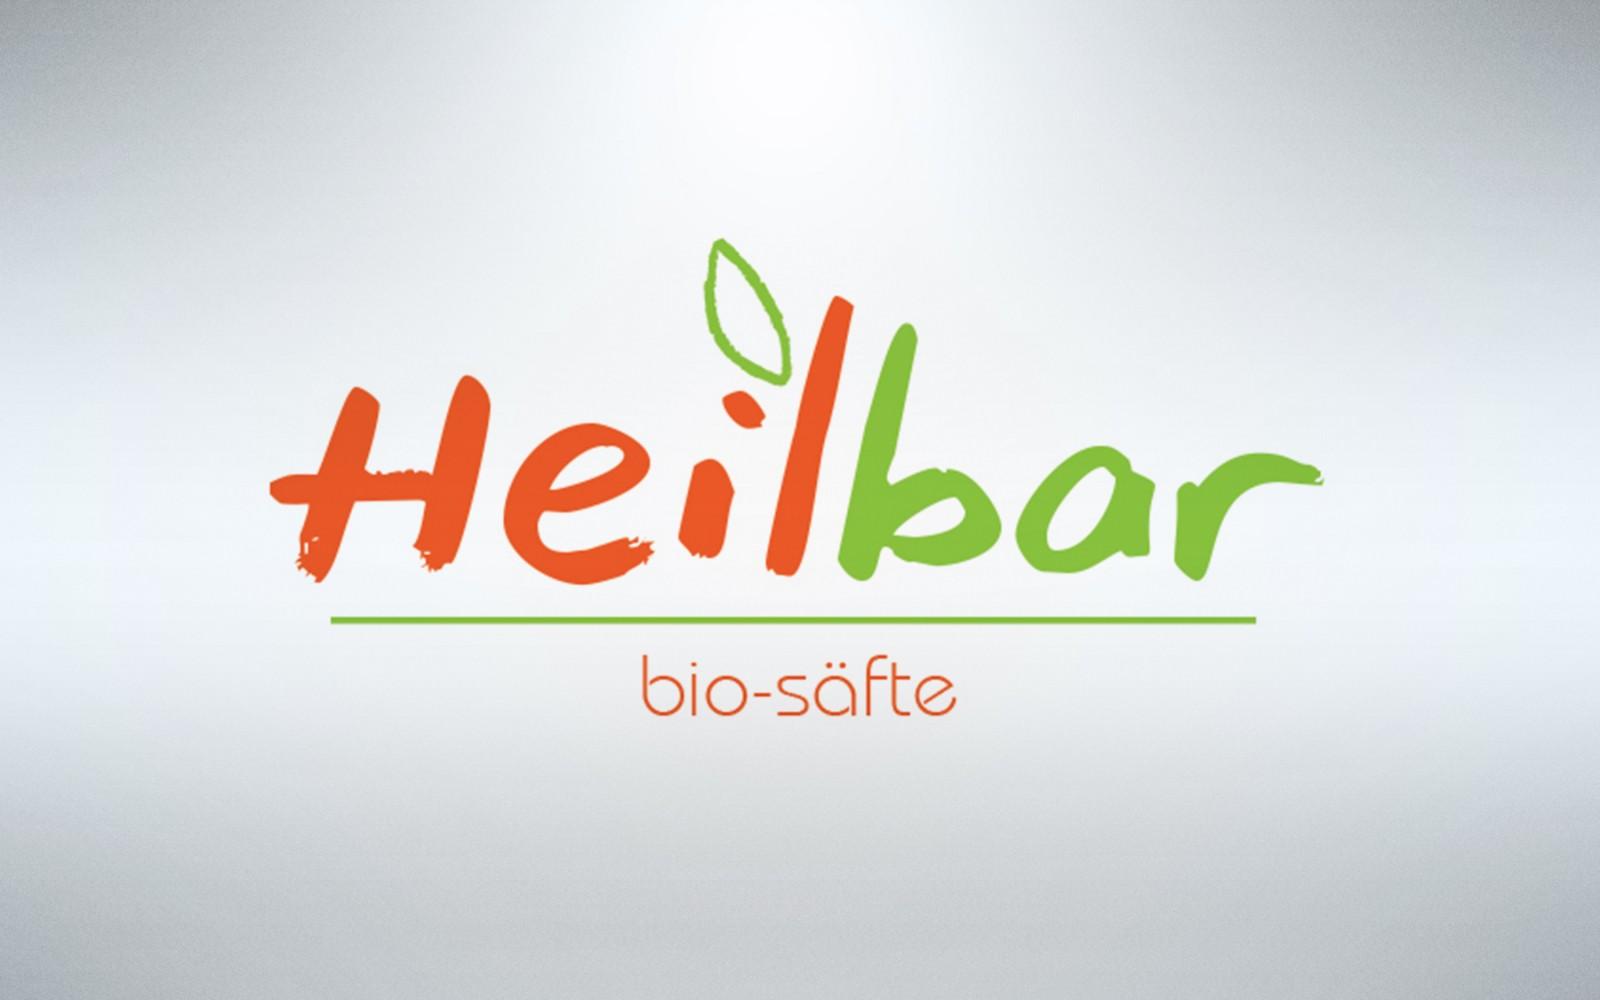 Heilbar